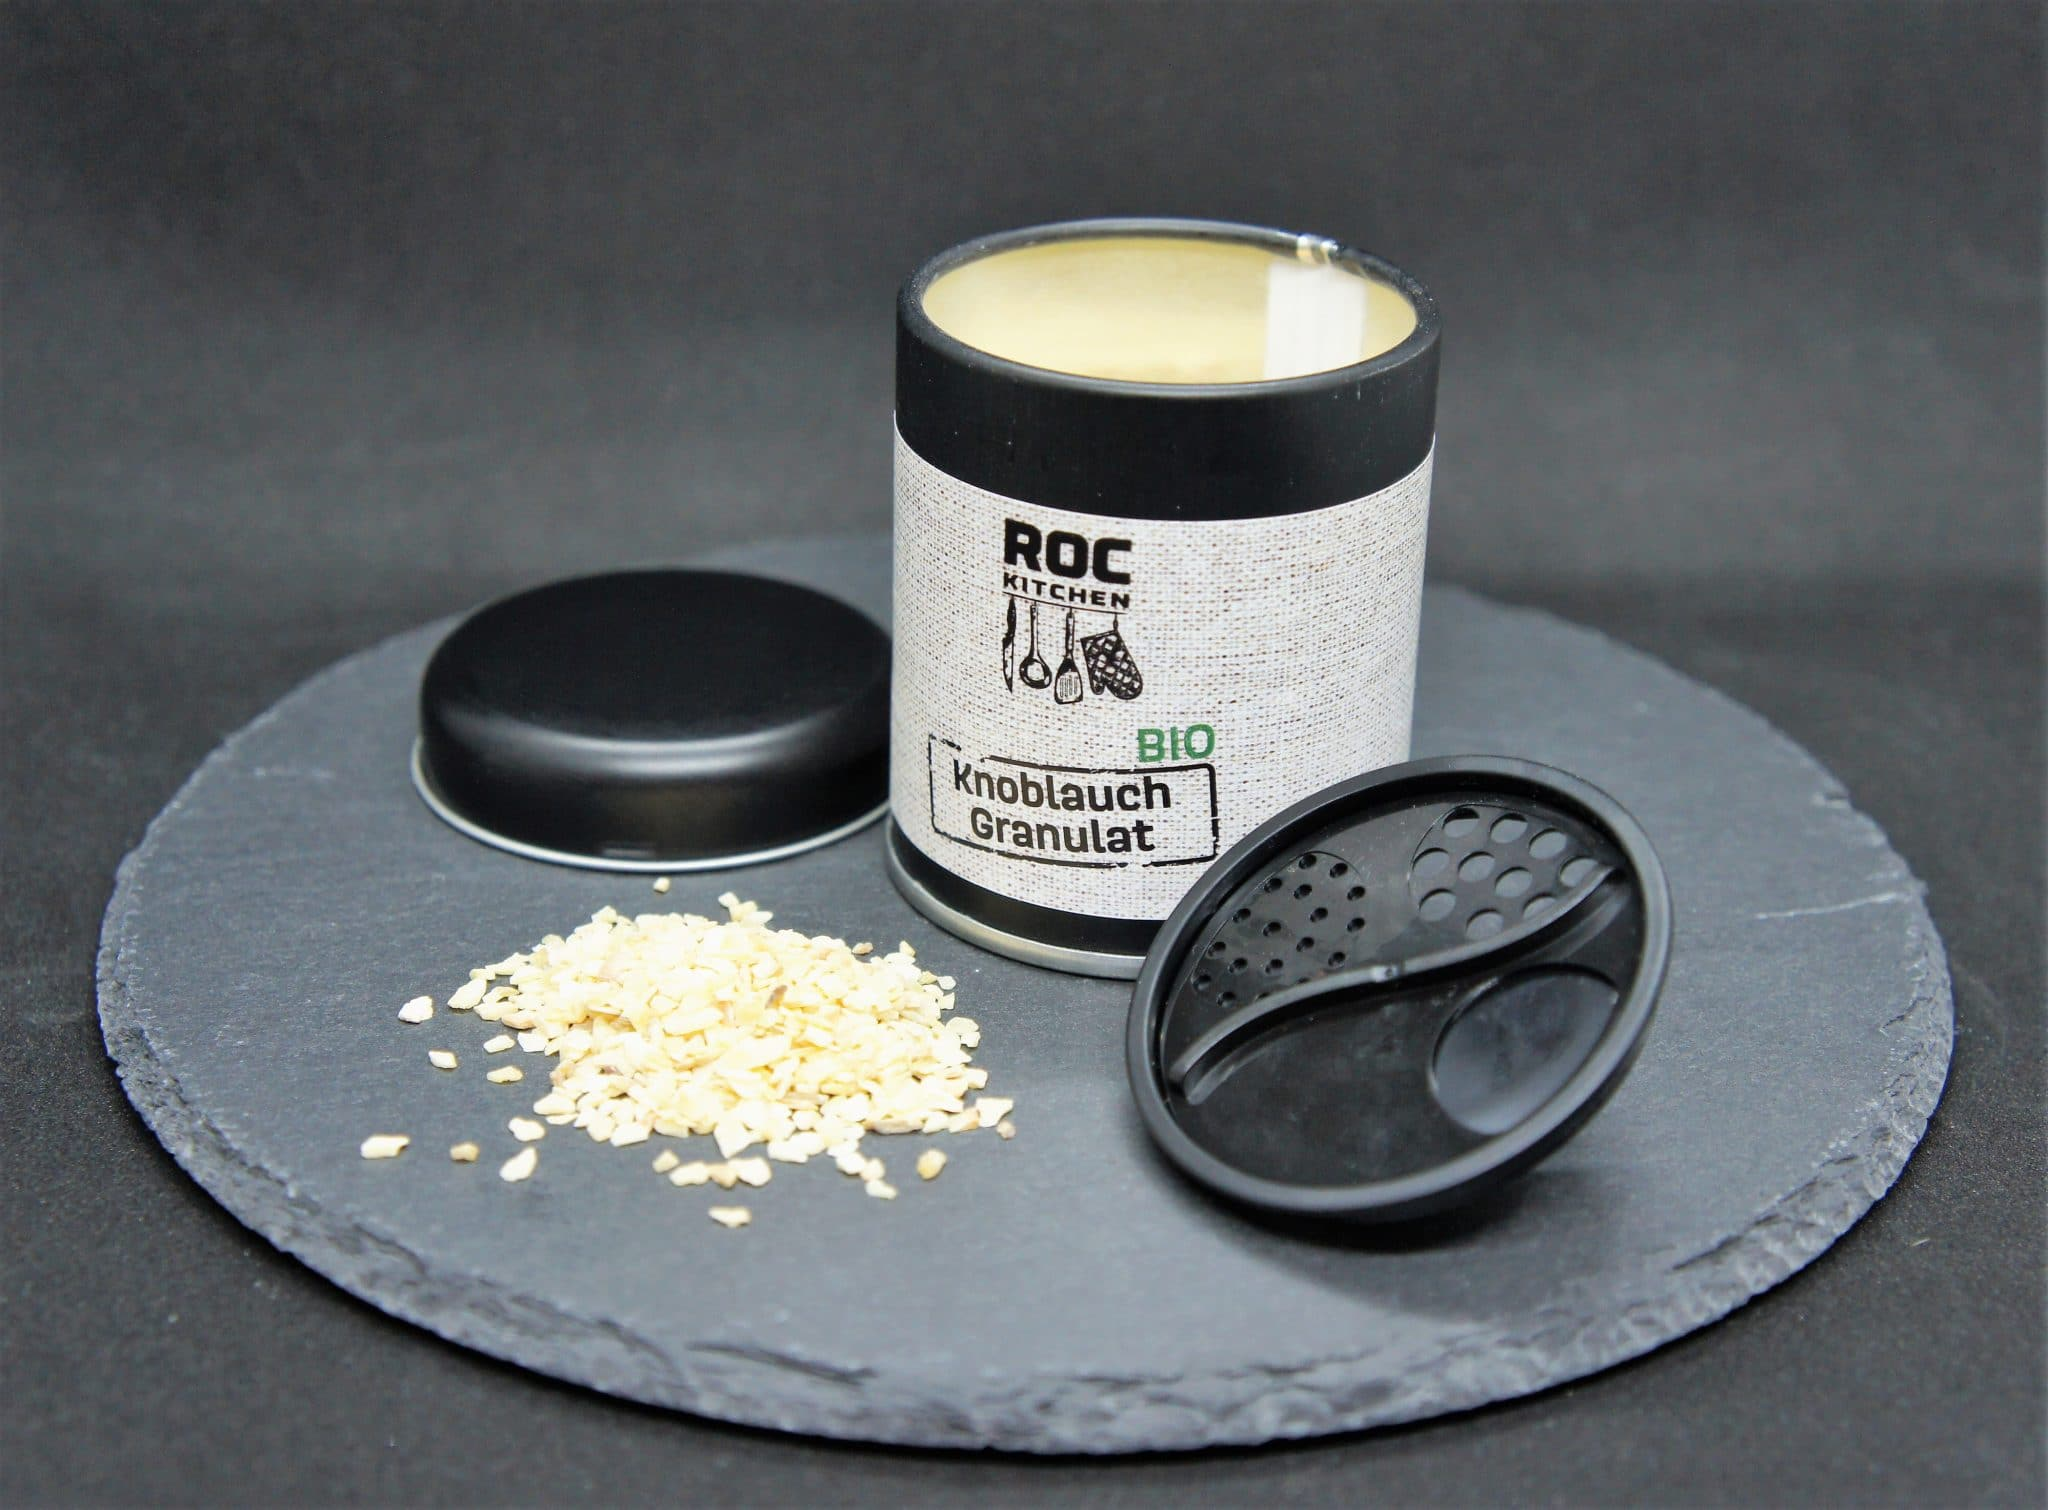 ROC-Kitchen Gewürz Bio Knoblauch-Granulat